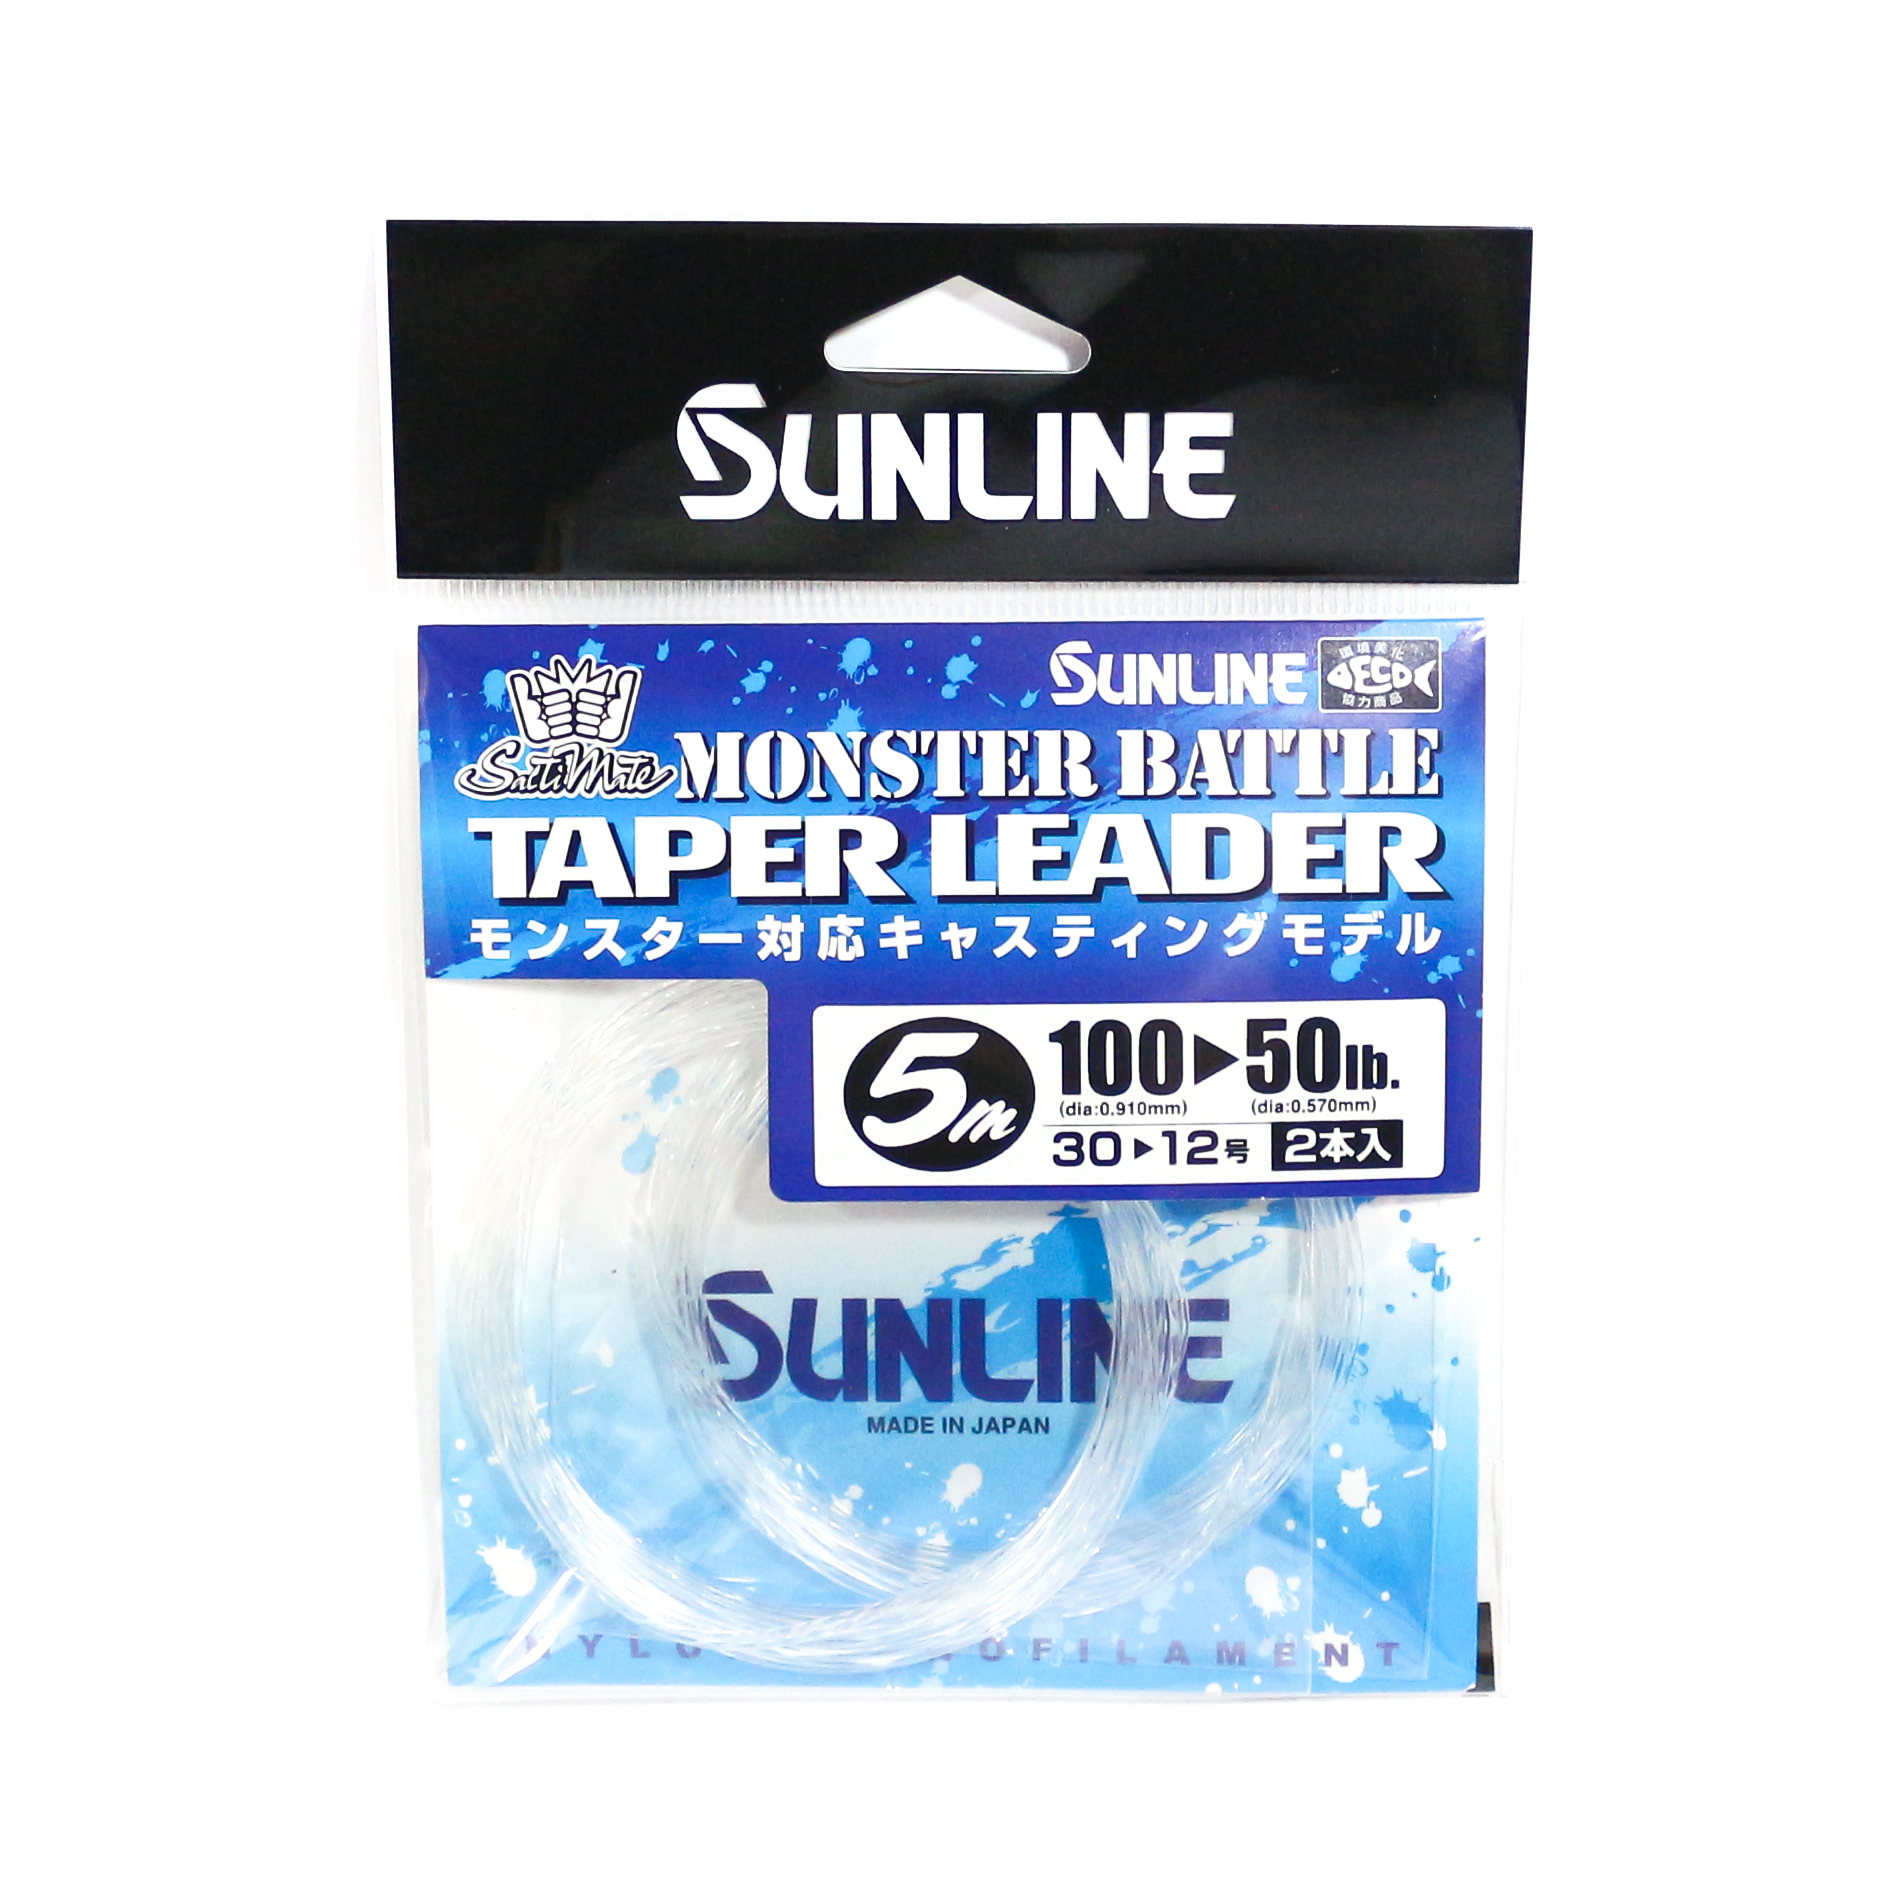 Sunline Taper Leader Monster Battle Nylon Line 5m , 50-100 lb (8645)